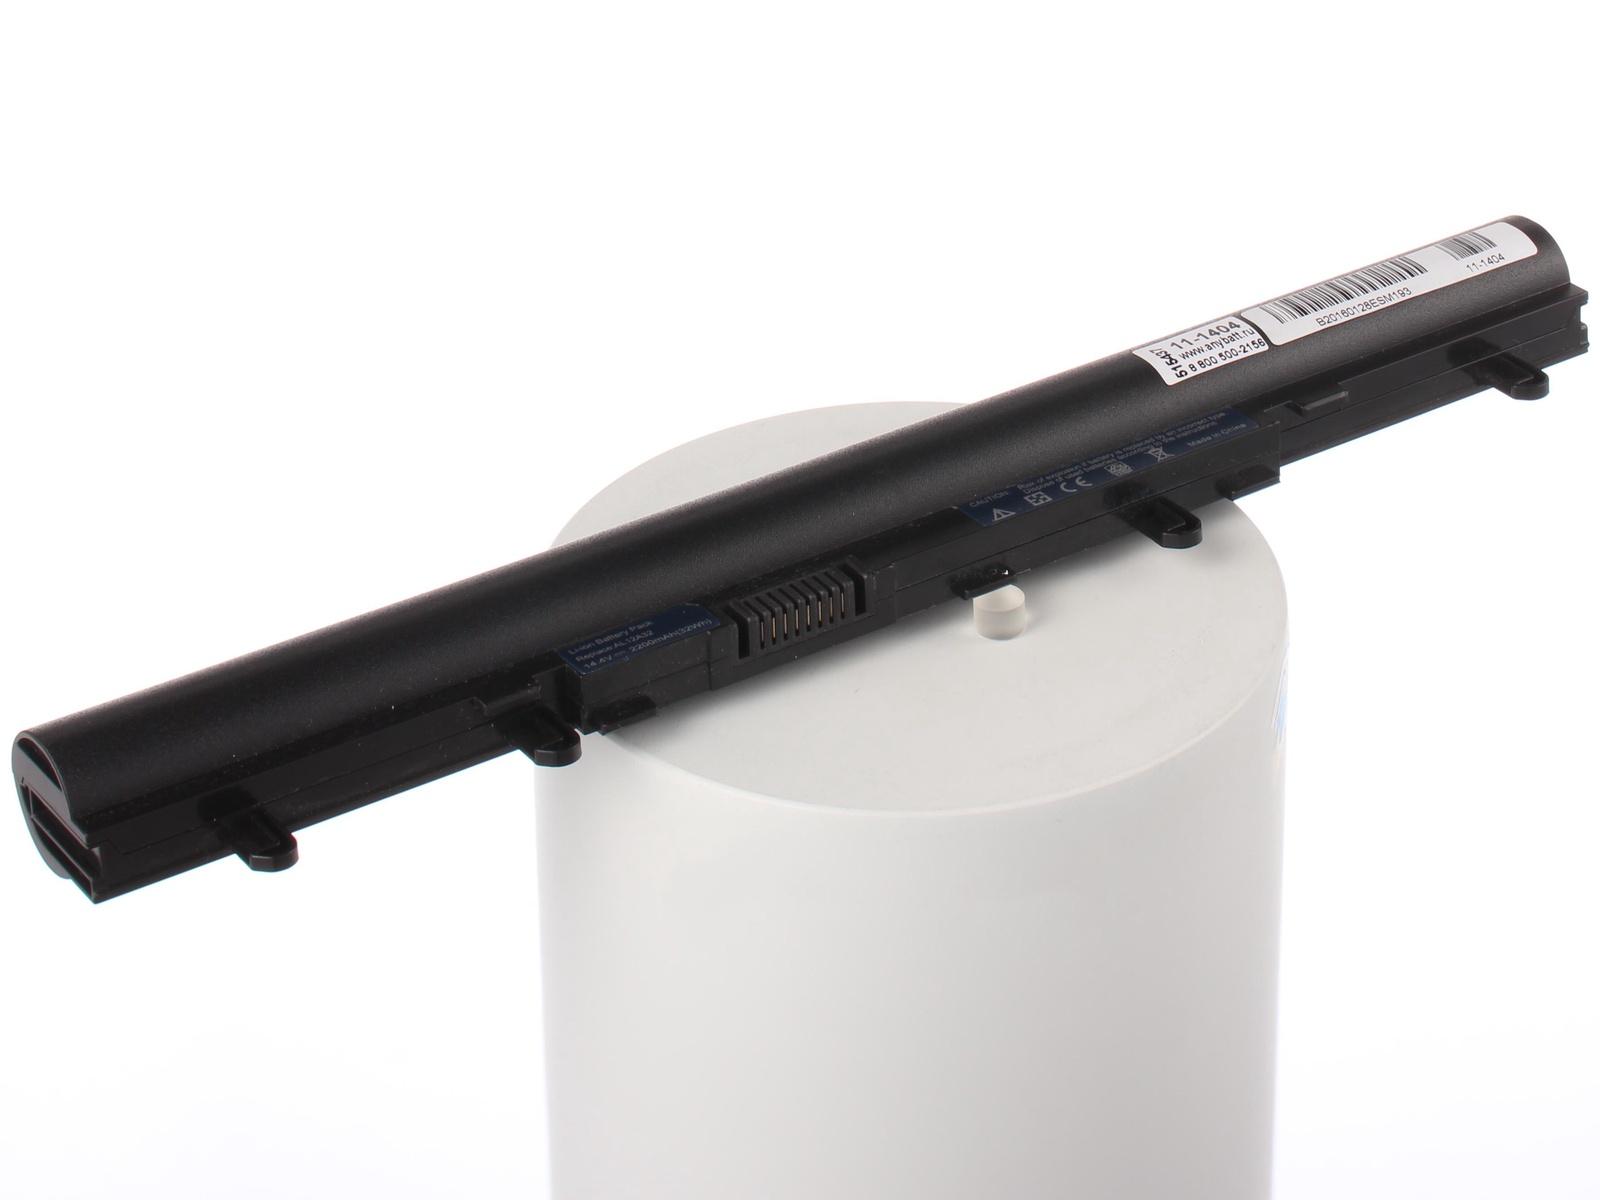 Аккумулятор для ноутбука AnyBatt для Acer Aspire V5-551G-84556G75Mass, Aspire V5-571G-33214G50Ma, Aspire E1-510-28202G50Mnkk, Aspire E1-522-65204G50Mnkk, Aspire E1-532G-35564G50Mnkk, Aspire E1-532G-35568G75Mn брюки quechua детские модульные брюки для походов mh550